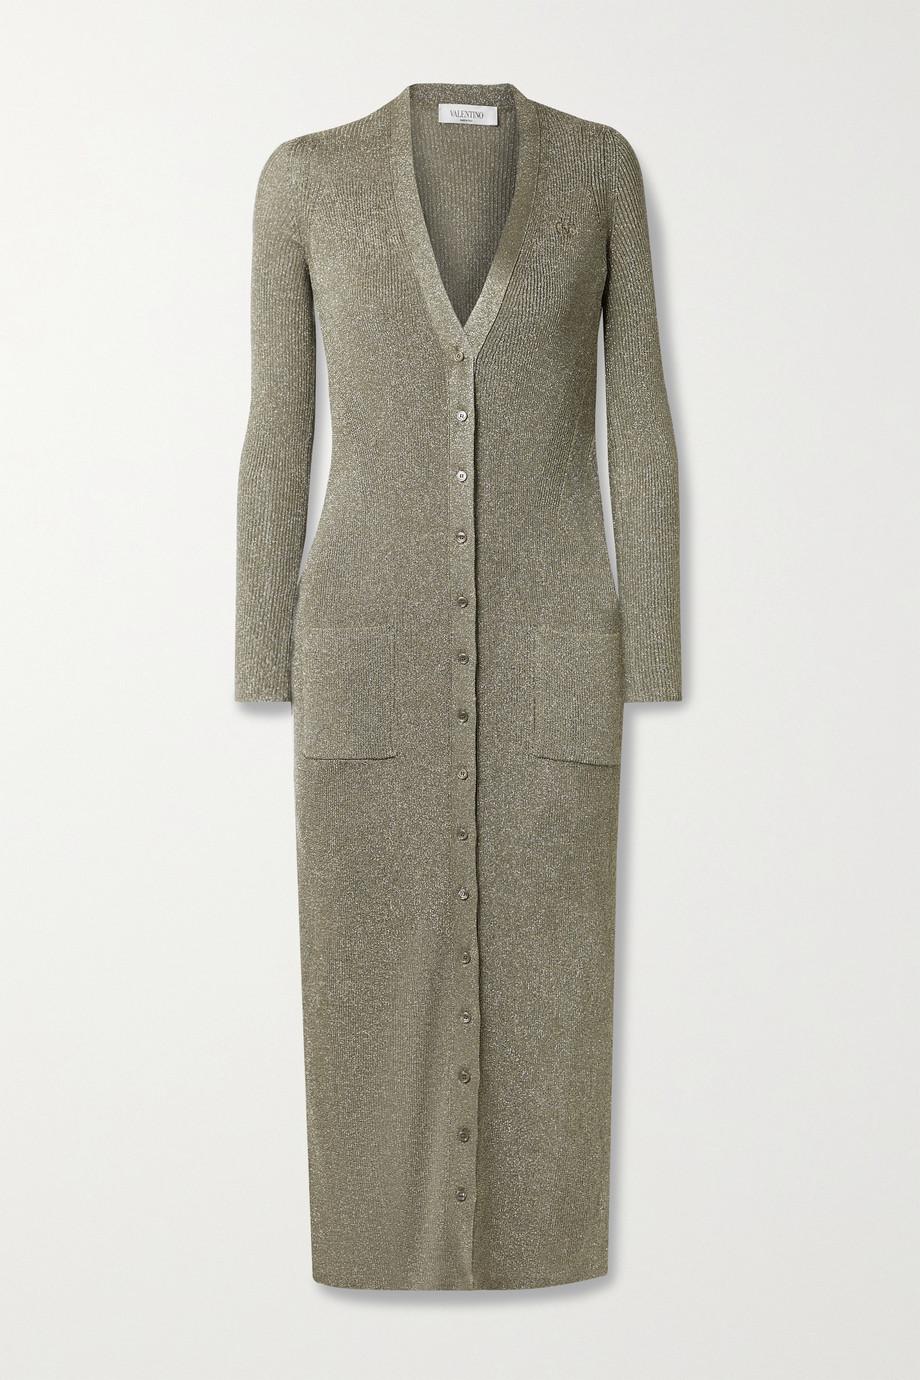 Valentino Cardigan en mailles côtelées métallisées